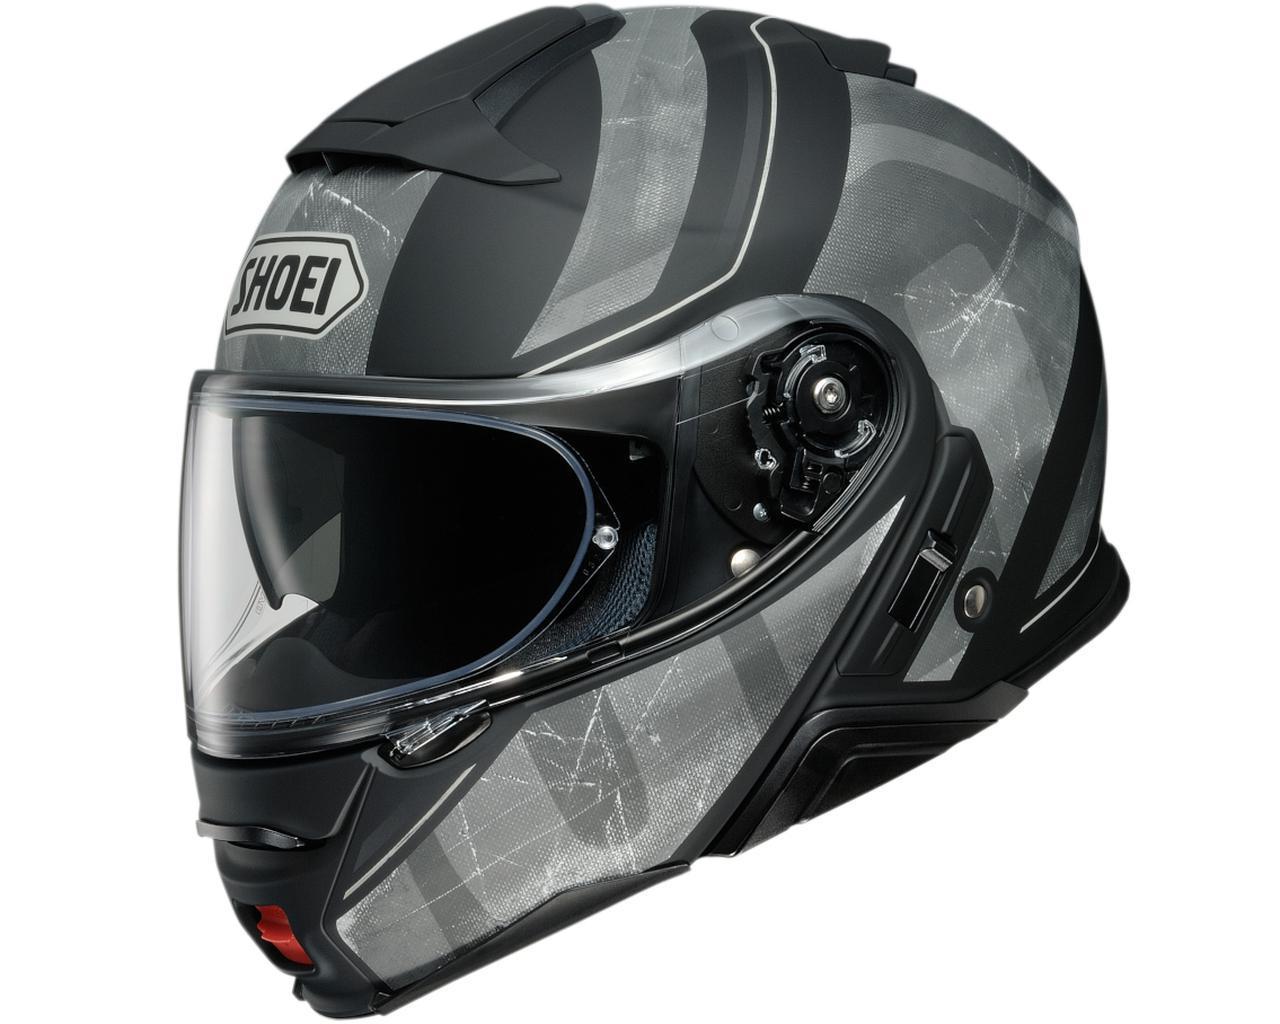 画像1: SHOEIのシステムヘルメット「ネオテックII」に新たなグラフィックモデル「ジョーント」が登場! カラーは3色